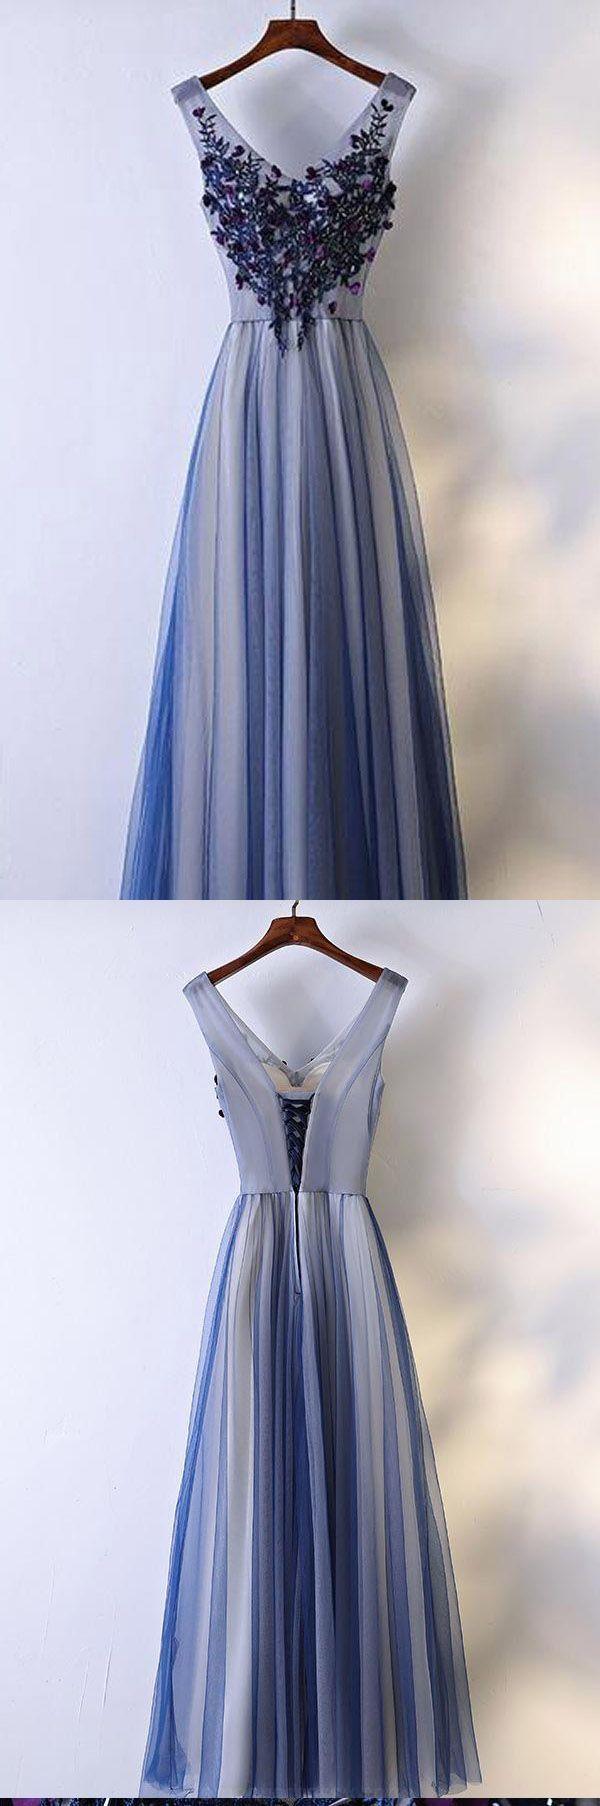 Feminine lace prom dress aline vneck floorlength tulle appliqued